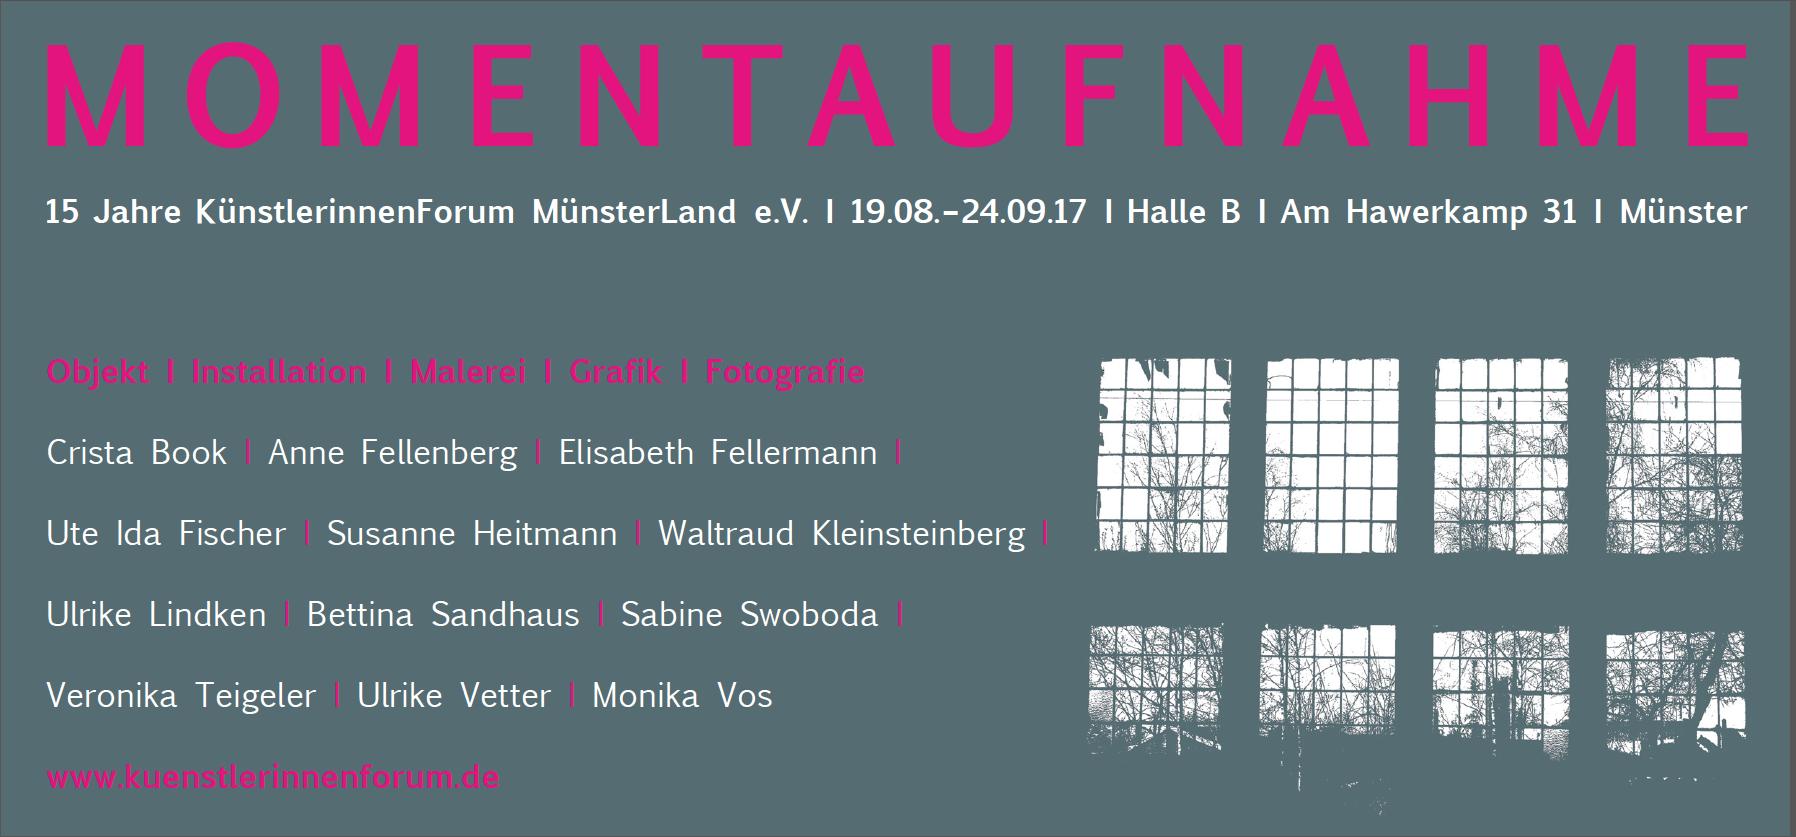 Eventbild für 15 Jahre KünstlerinnenForum MünsterLand e.V. // Momentaufnahmen